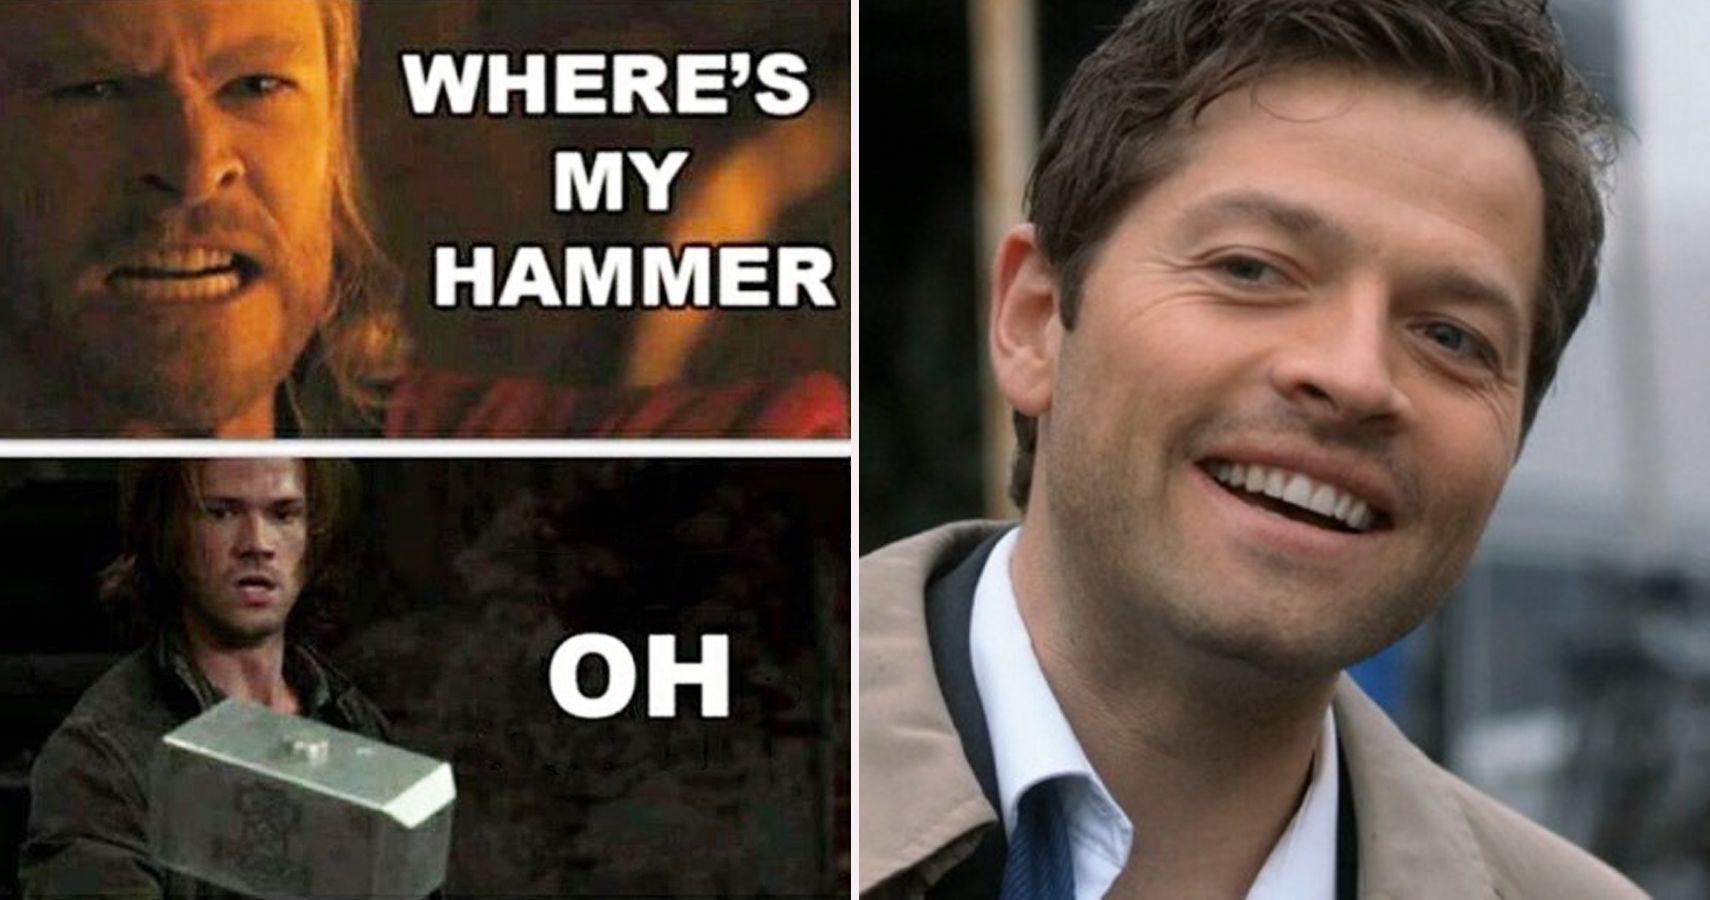 28 Hilarious Supernatural Memes That Would Even Make Castiel Laugh